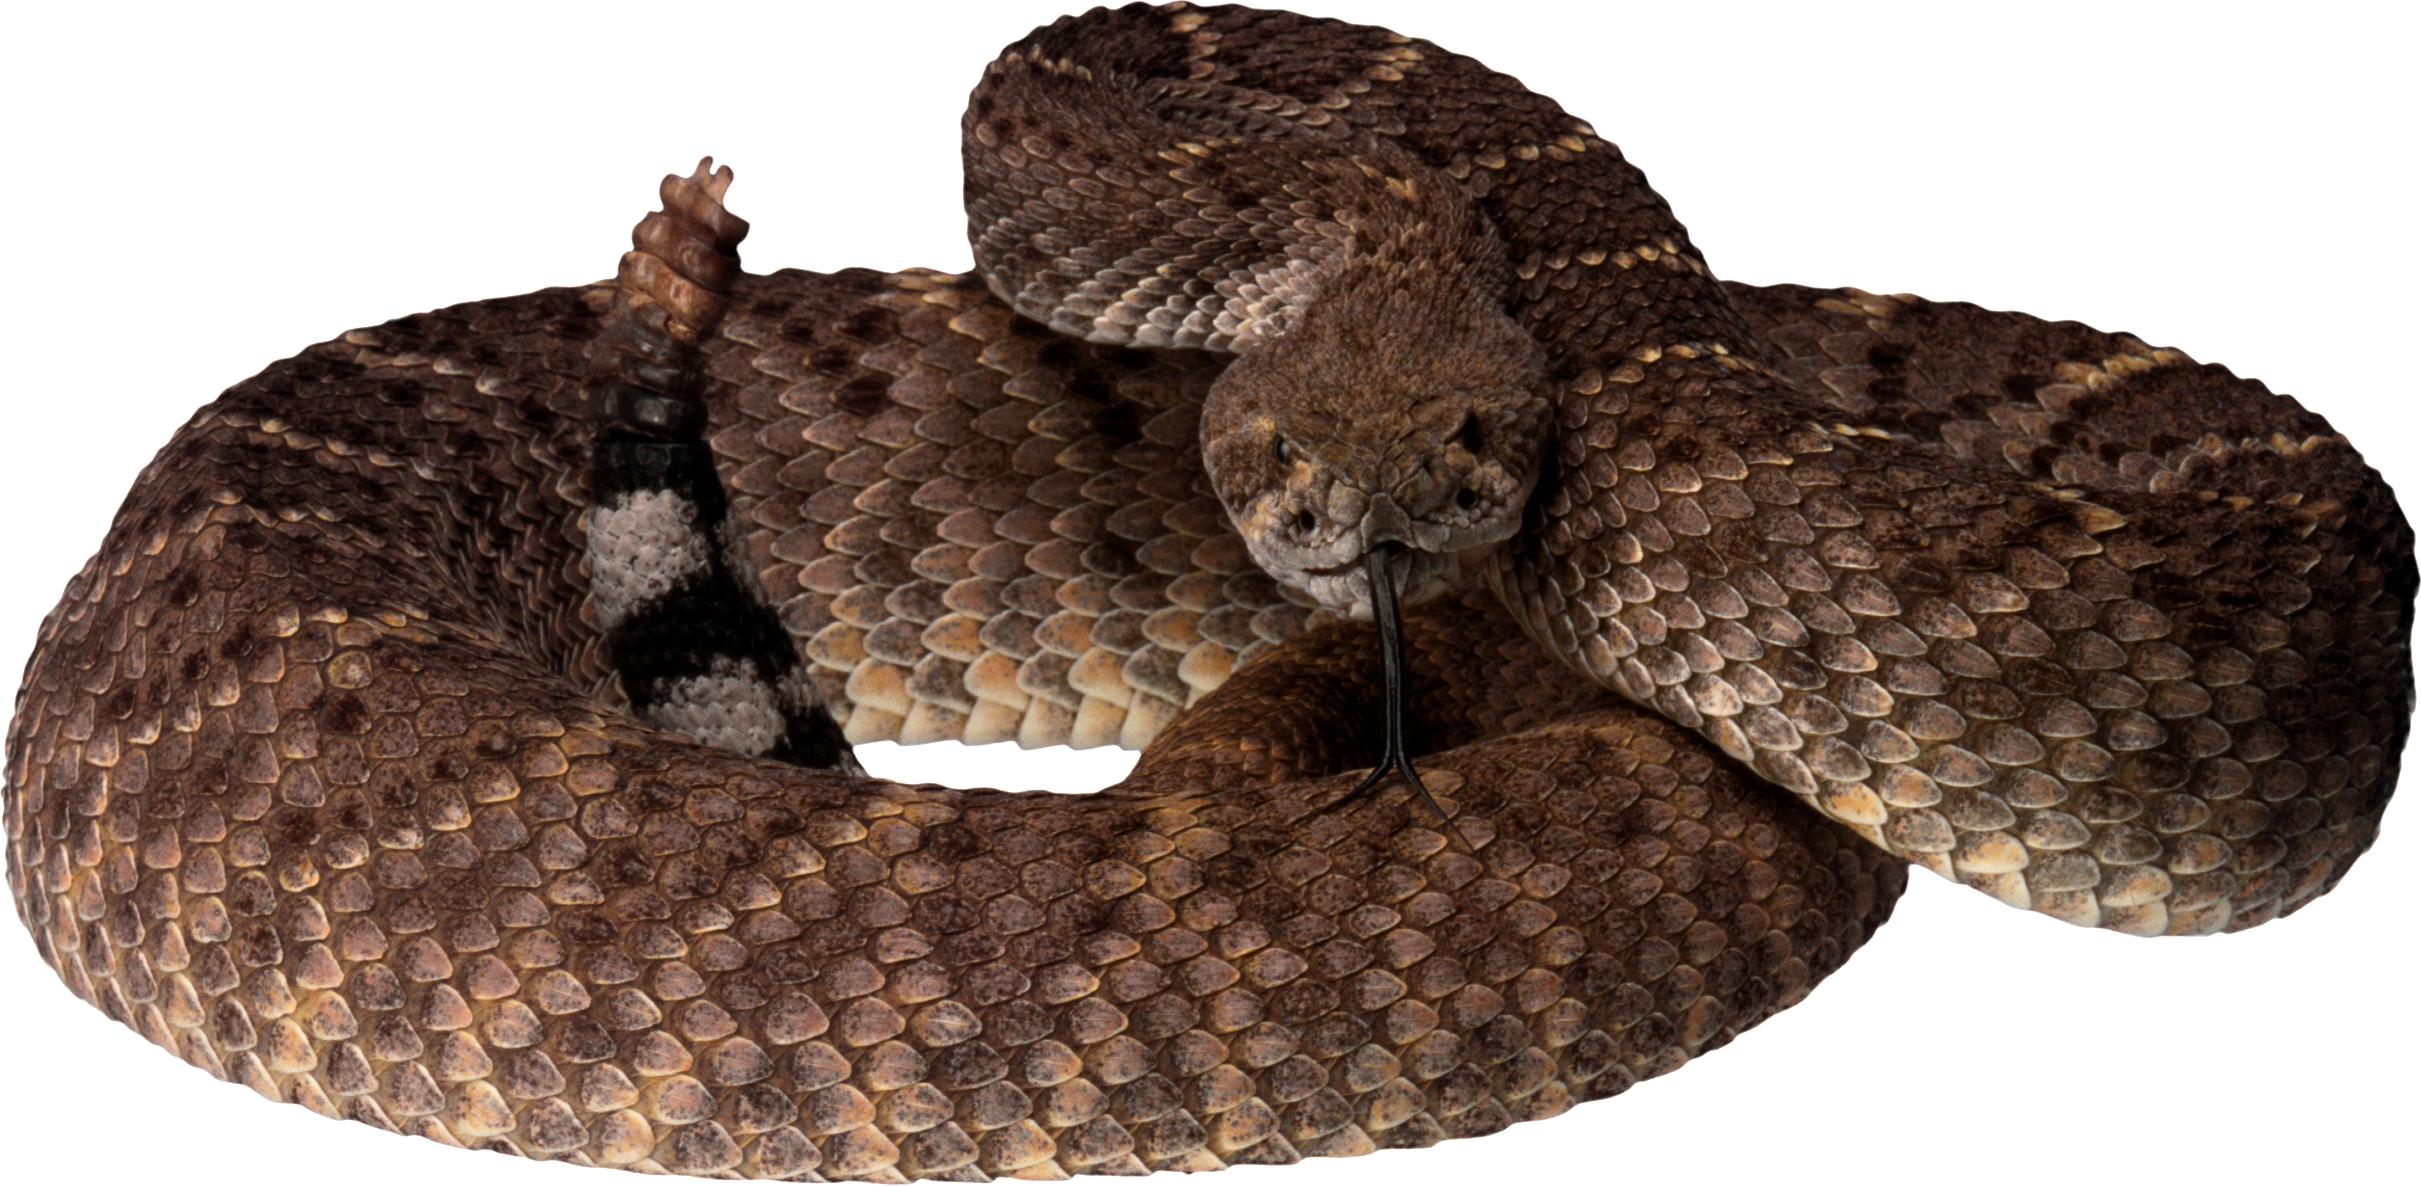 Snake PNG Cobras